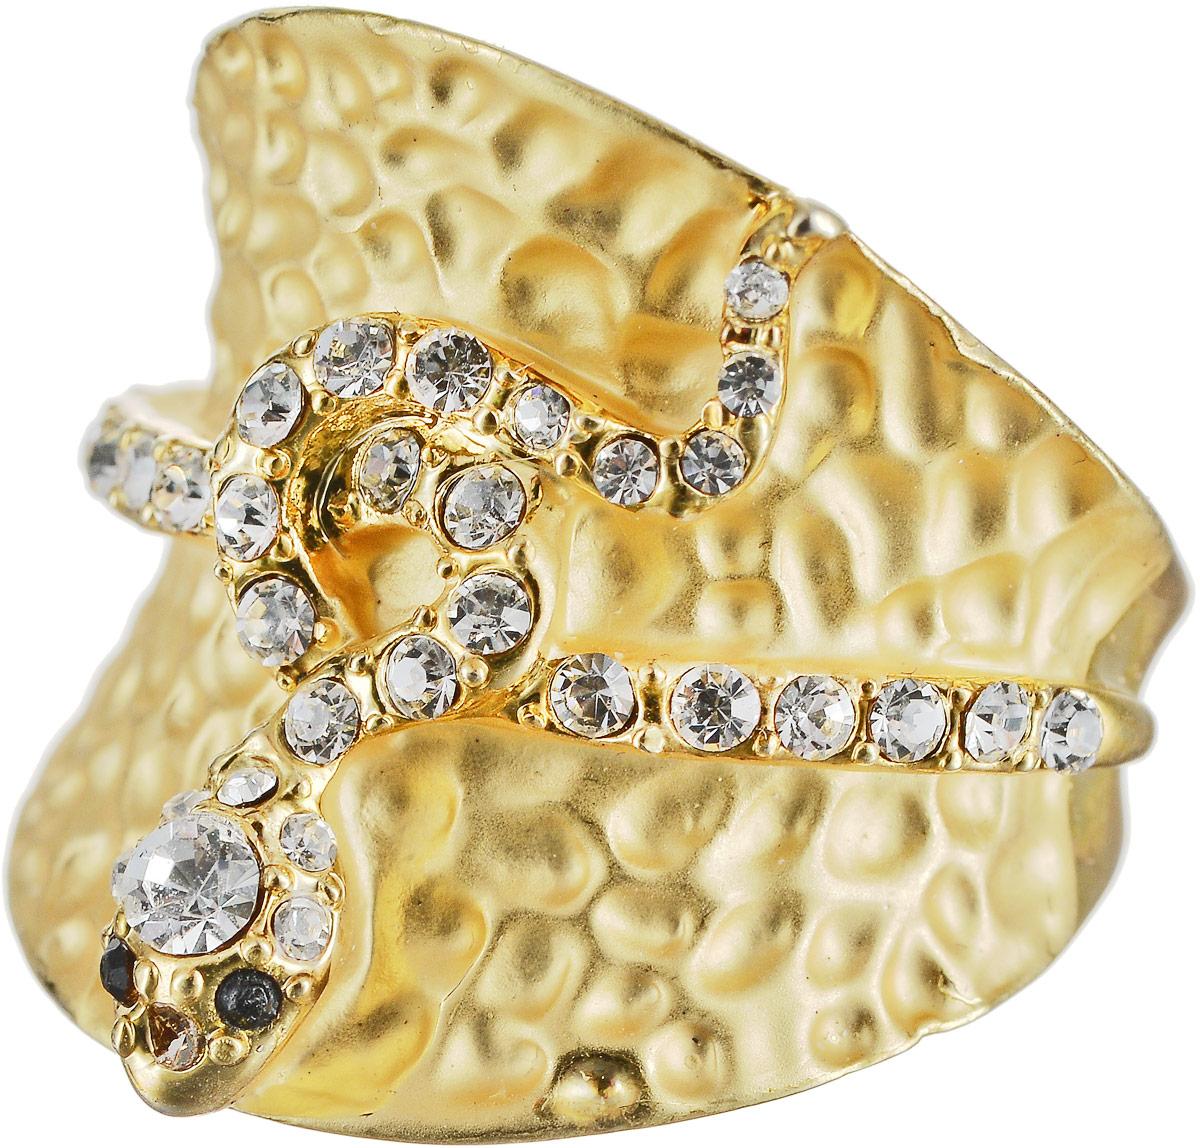 Кольцо Art-Silver, цвет: золотой. М341-540. Размер 16,5М341-540Оригинальное кольцо Art-Silver выполнено из бижутерного сплава с гальваническим покрытием. Кольцо украшено декоративными вставками. Элегантное кольцо Art-Silver превосходно дополнит ваш образ и подчеркнет отменное чувство стиля своей обладательницы.